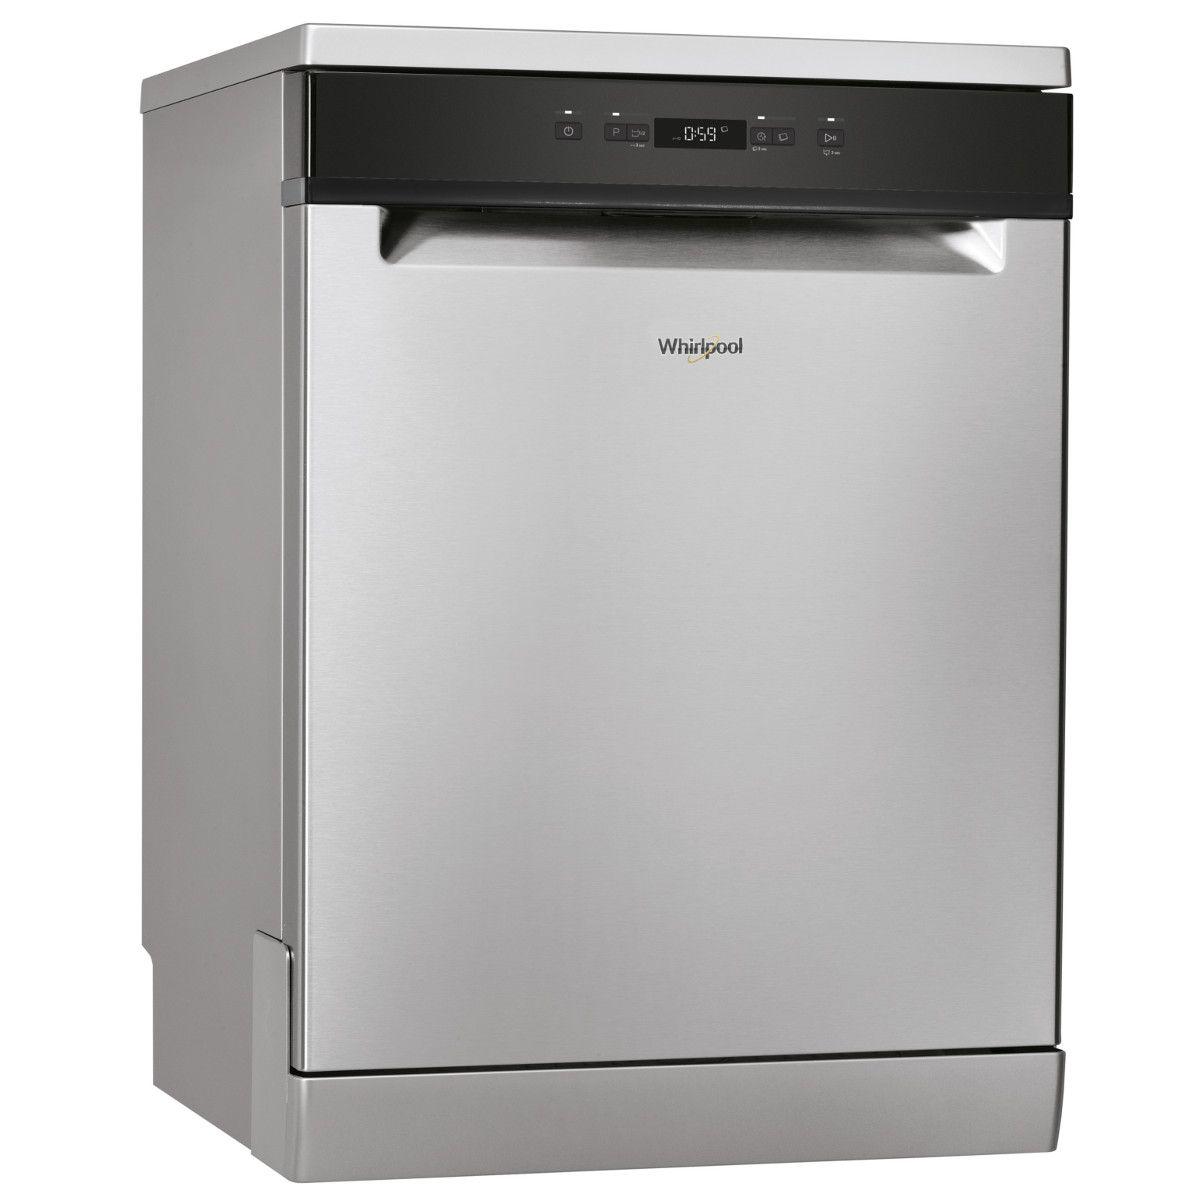 Lave-vaisselle pose libre WFC3B16X, 13 couverts, 60 cm, 46 dB, 5 programmes